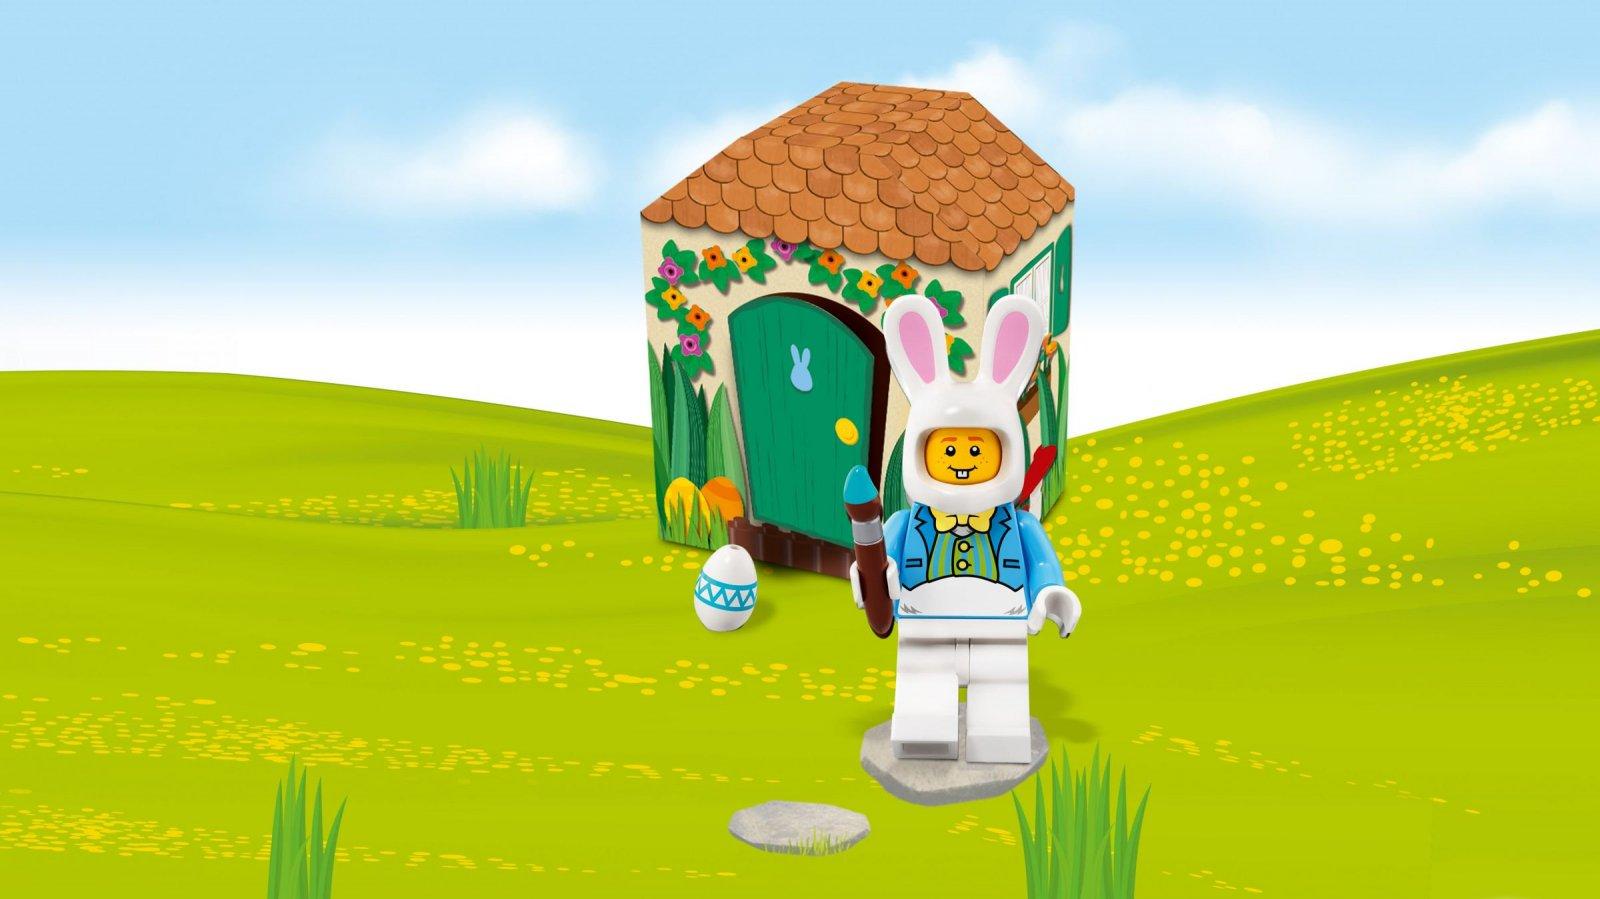 LEGO 5005249 Chatka zajączka wielkanocnego LEGO®